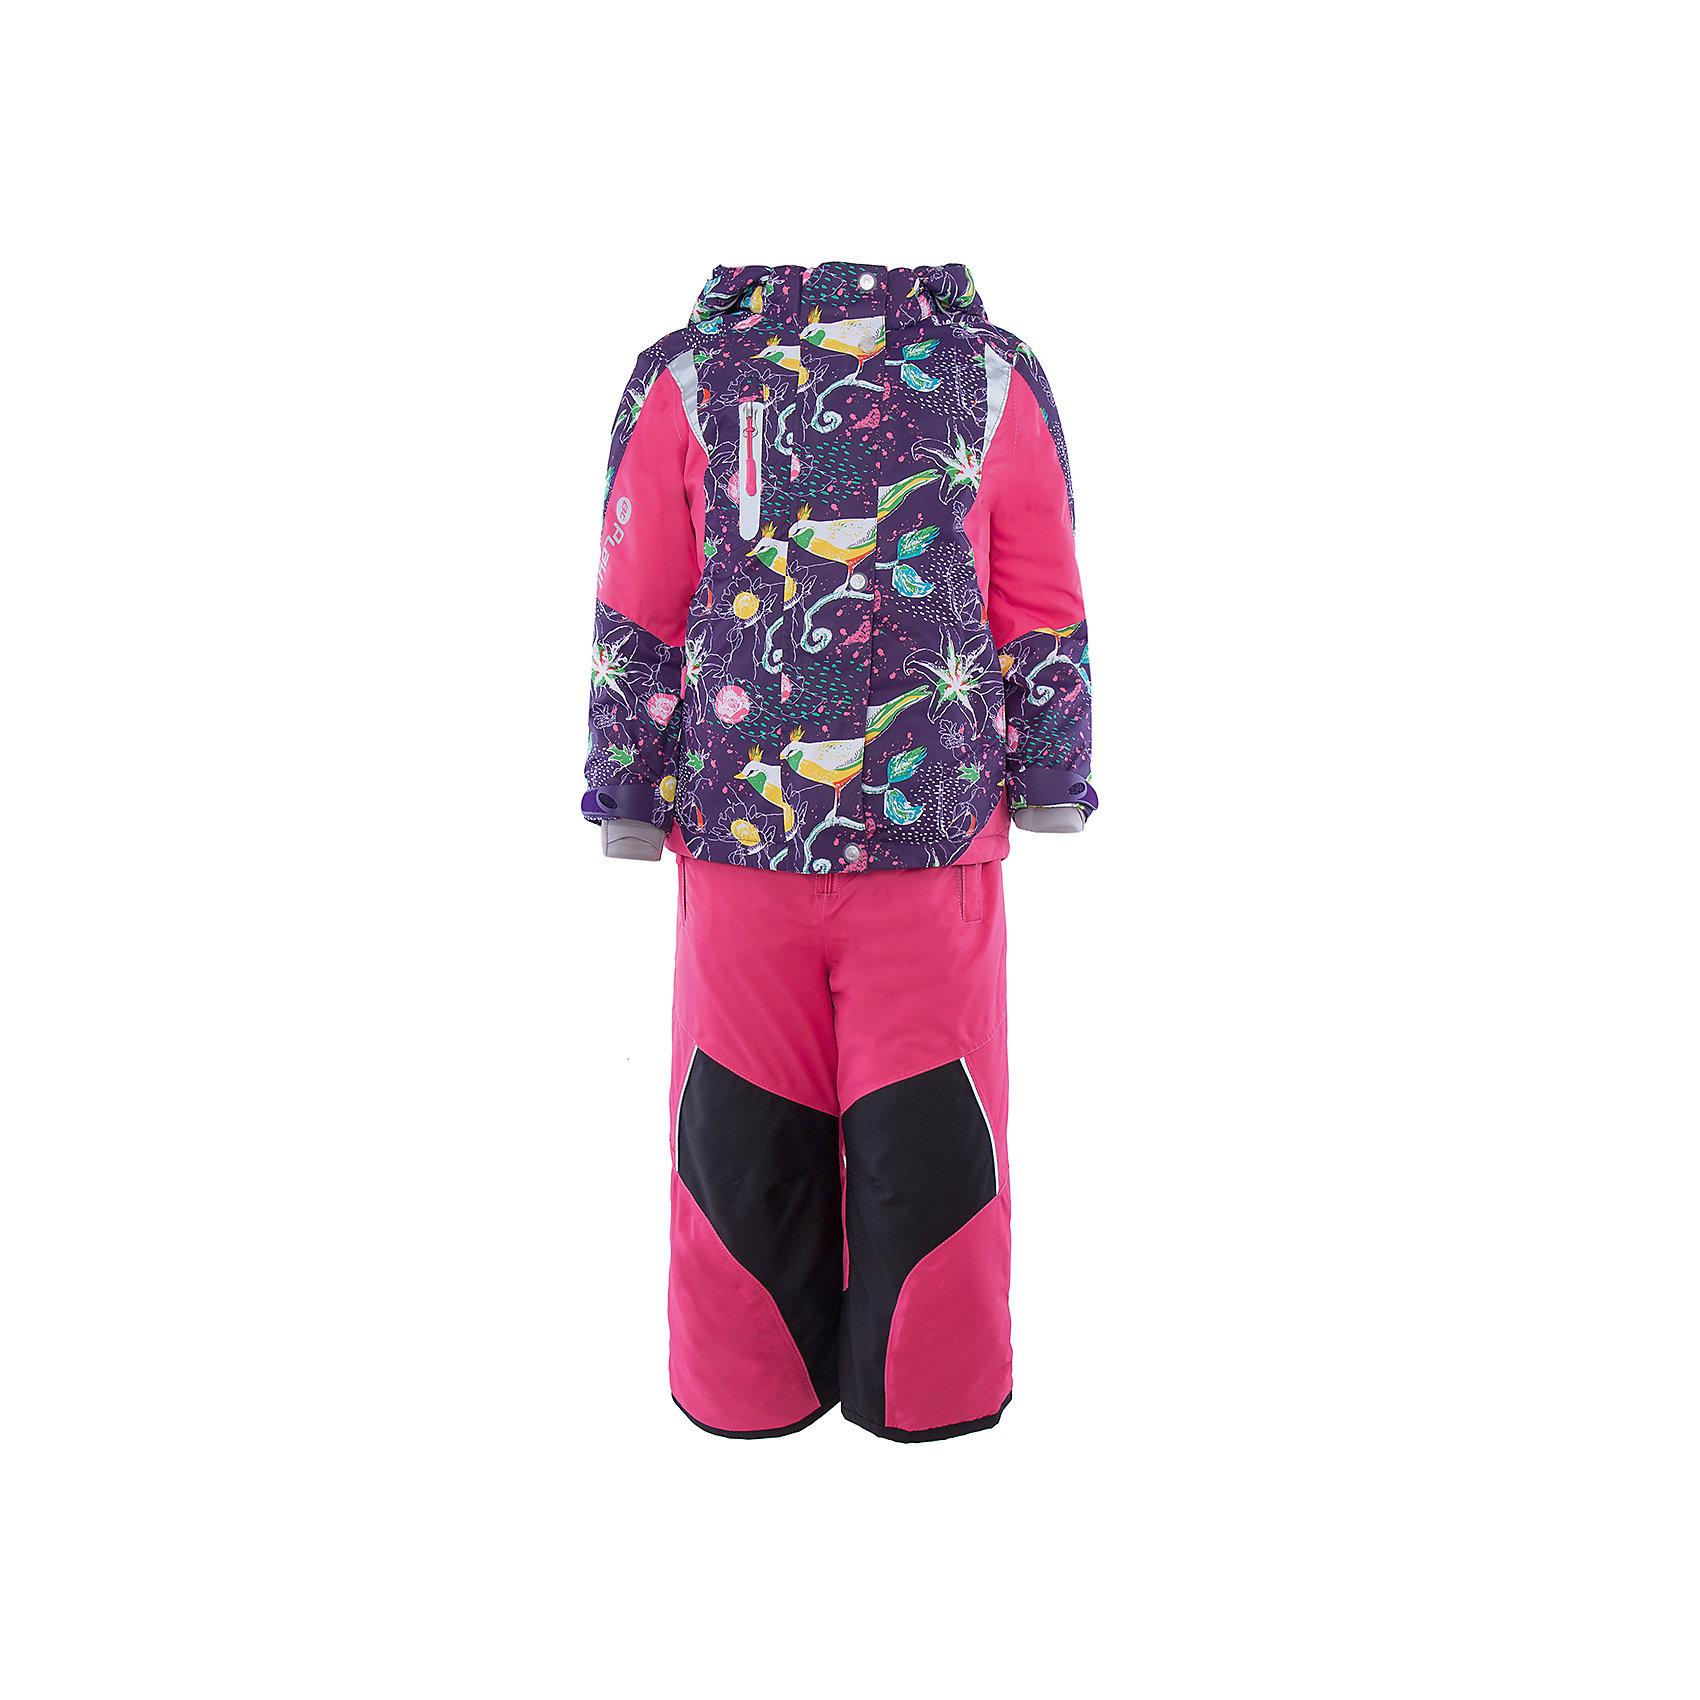 Комплект: куртка и полукомбинезон для девочки atPlay!В холода необходимо особенно тщательно подходить к подбору одежды для ребенка. Чтобы обеспечить ему тепло, сухость и комфорт, можно выбрать этот костюм, сшитый из мембранного материала.<br>Он позволяет коже дышать, помогает выводить лишнюю влагу, при этом не позволяет ребенку замерзнуть или промокнуть. Выглядит при этом модель очень симпатично! Изделие выполнено очень качественно. Фурнитура для него подбиралась с учетом особенностей детского организма. В комплекте идет курточка и полукомбинезон.<br><br><br>Дополнительная информация:<br><br>цвет: розовый;<br>материал: полиэстер, фурнитура YKK, водо- и грязеотталкивающее покрытие Teflon, нижний комбинезон - флис;<br>утеплитель: Thinsulate 150 г;<br>температурный режим: от -25° С до +5° С;<br>мягкие элементы на капюшоне и воротнике;<br>паропроницаемость: 10000 г / м.куб. / 24 ч;<br>водонепроницаемость: 10000 мм / 24 ч;<br>швы проклеены;<br>капюшон регулируется.<br><br>Костюм для девочки от бренда atPlay! можно приобрести в нашем интернет-магазине.<br><br>Ширина мм: 356<br>Глубина мм: 10<br>Высота мм: 245<br>Вес г: 519<br>Цвет: розовый<br>Возраст от месяцев: 84<br>Возраст до месяцев: 96<br>Пол: Женский<br>Возраст: Детский<br>Размер: 128,104,110,116,122<br>SKU: 4940516